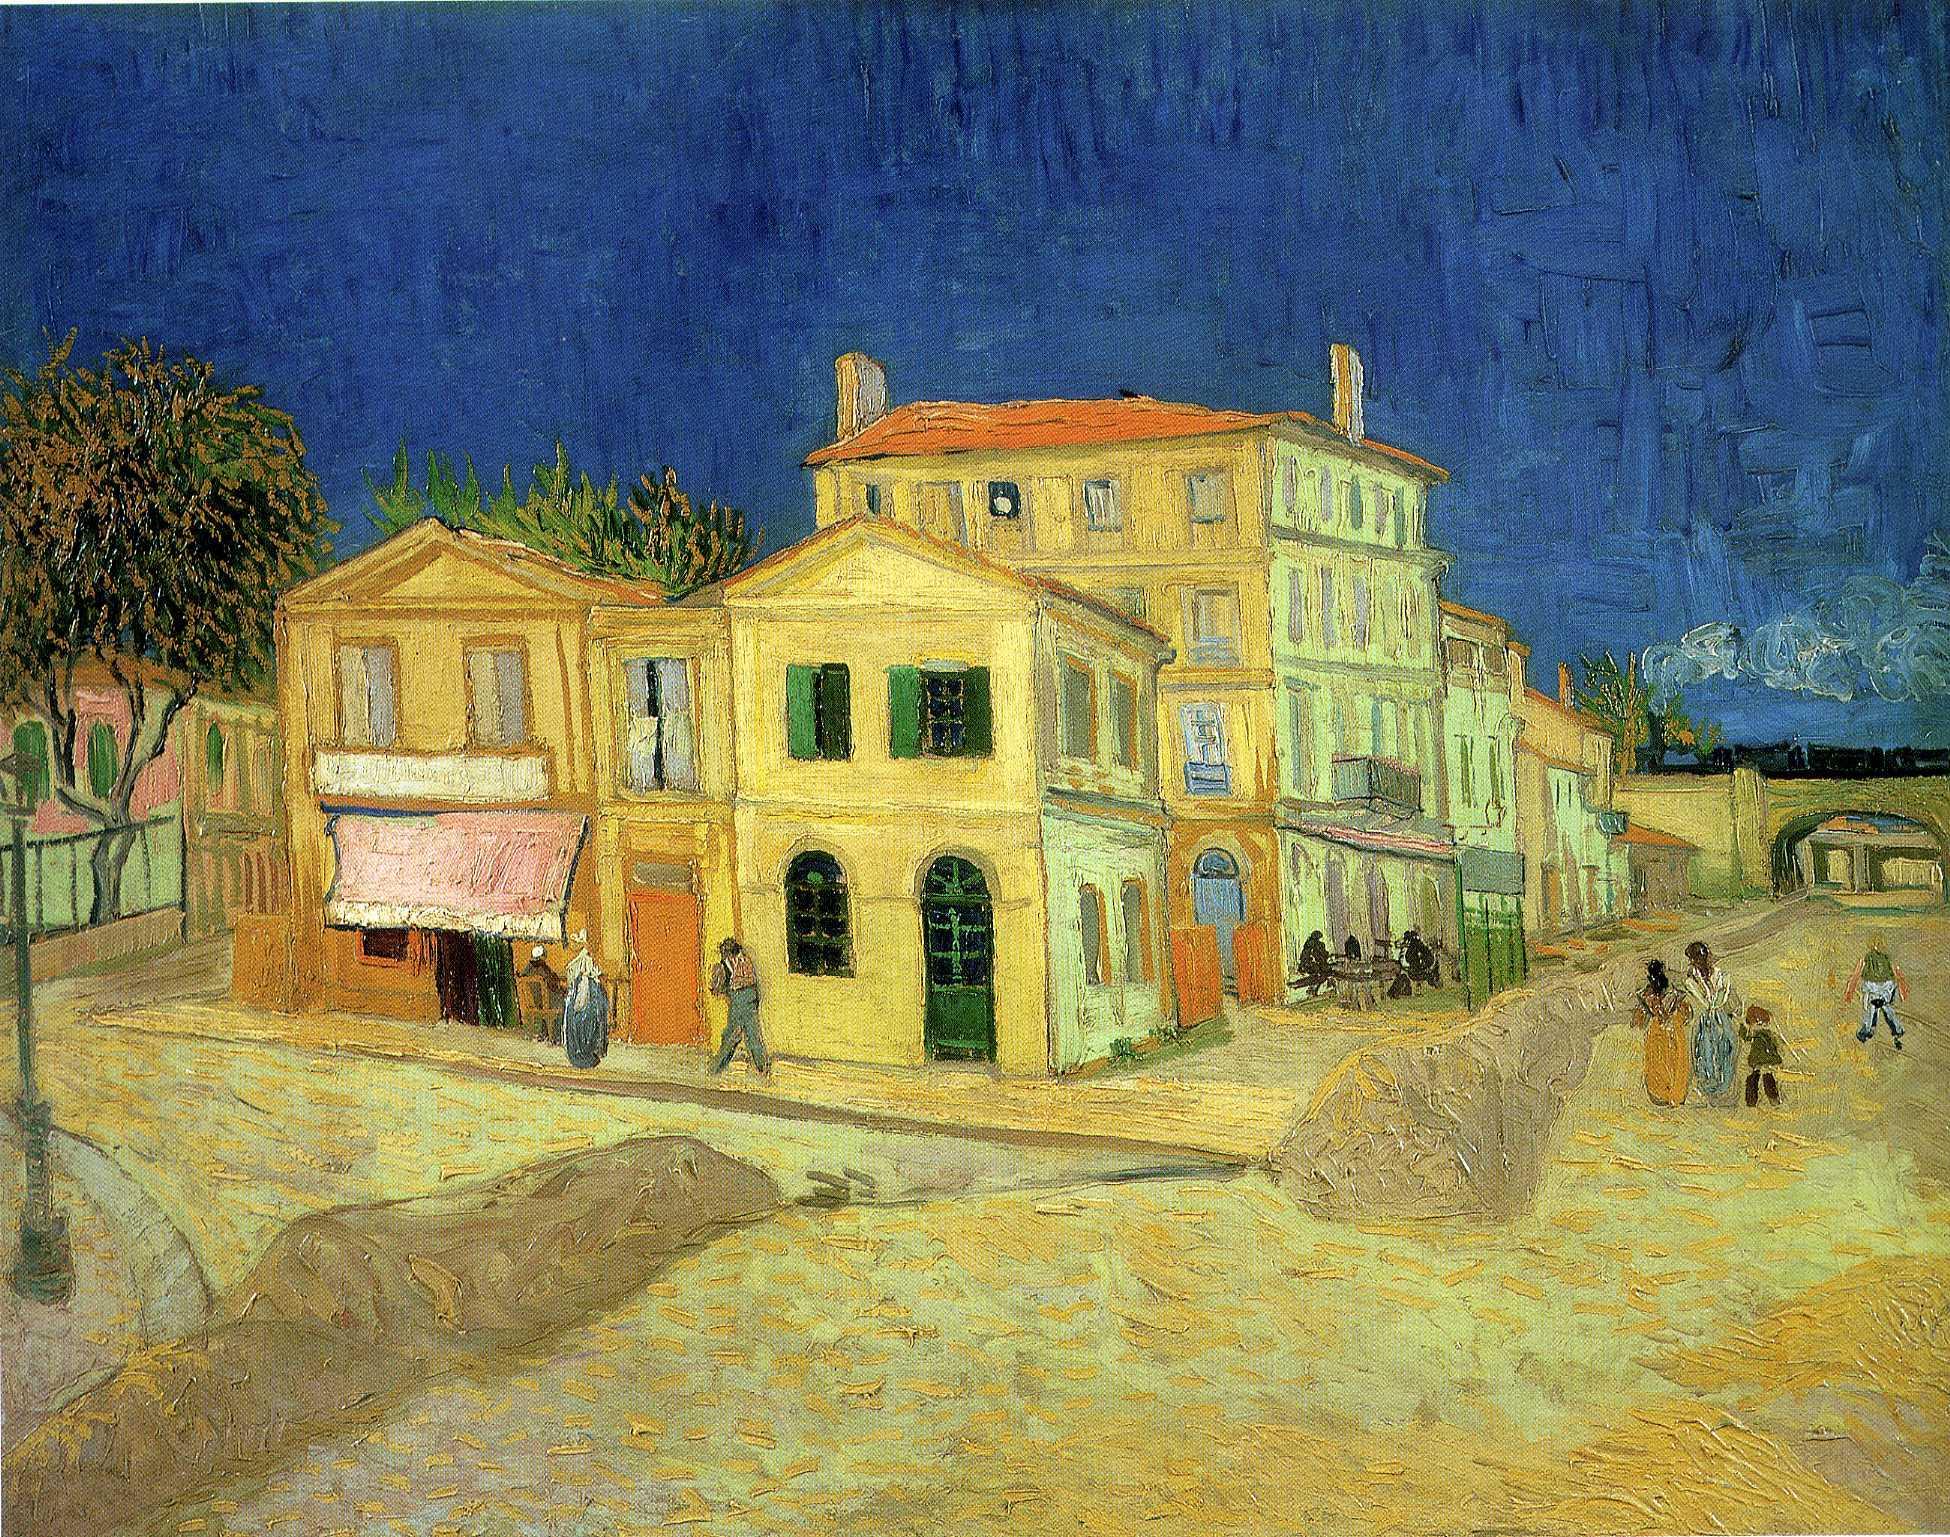 Улица, жёлтый дом, городской пейзаж :: Ван Гог, описание картины - Van Gogh (Ван Гог) фото